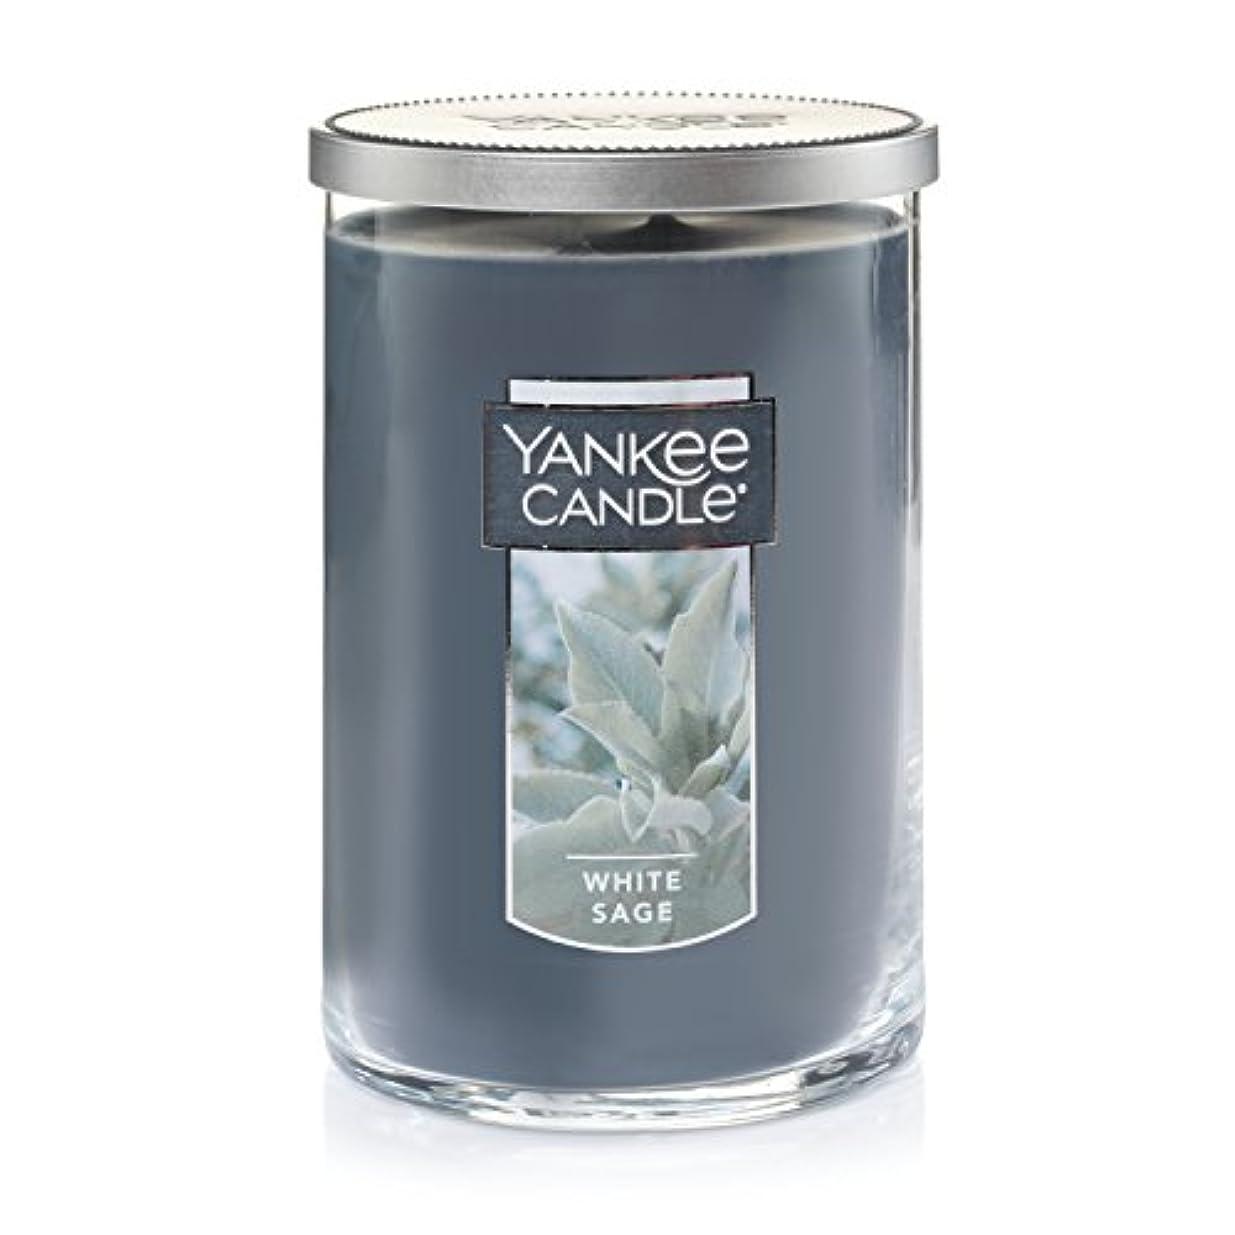 いう不完全なほとんどないYankee Candleホワイトセージ Large 2-Wick Tumbler Candles 1556031-YC